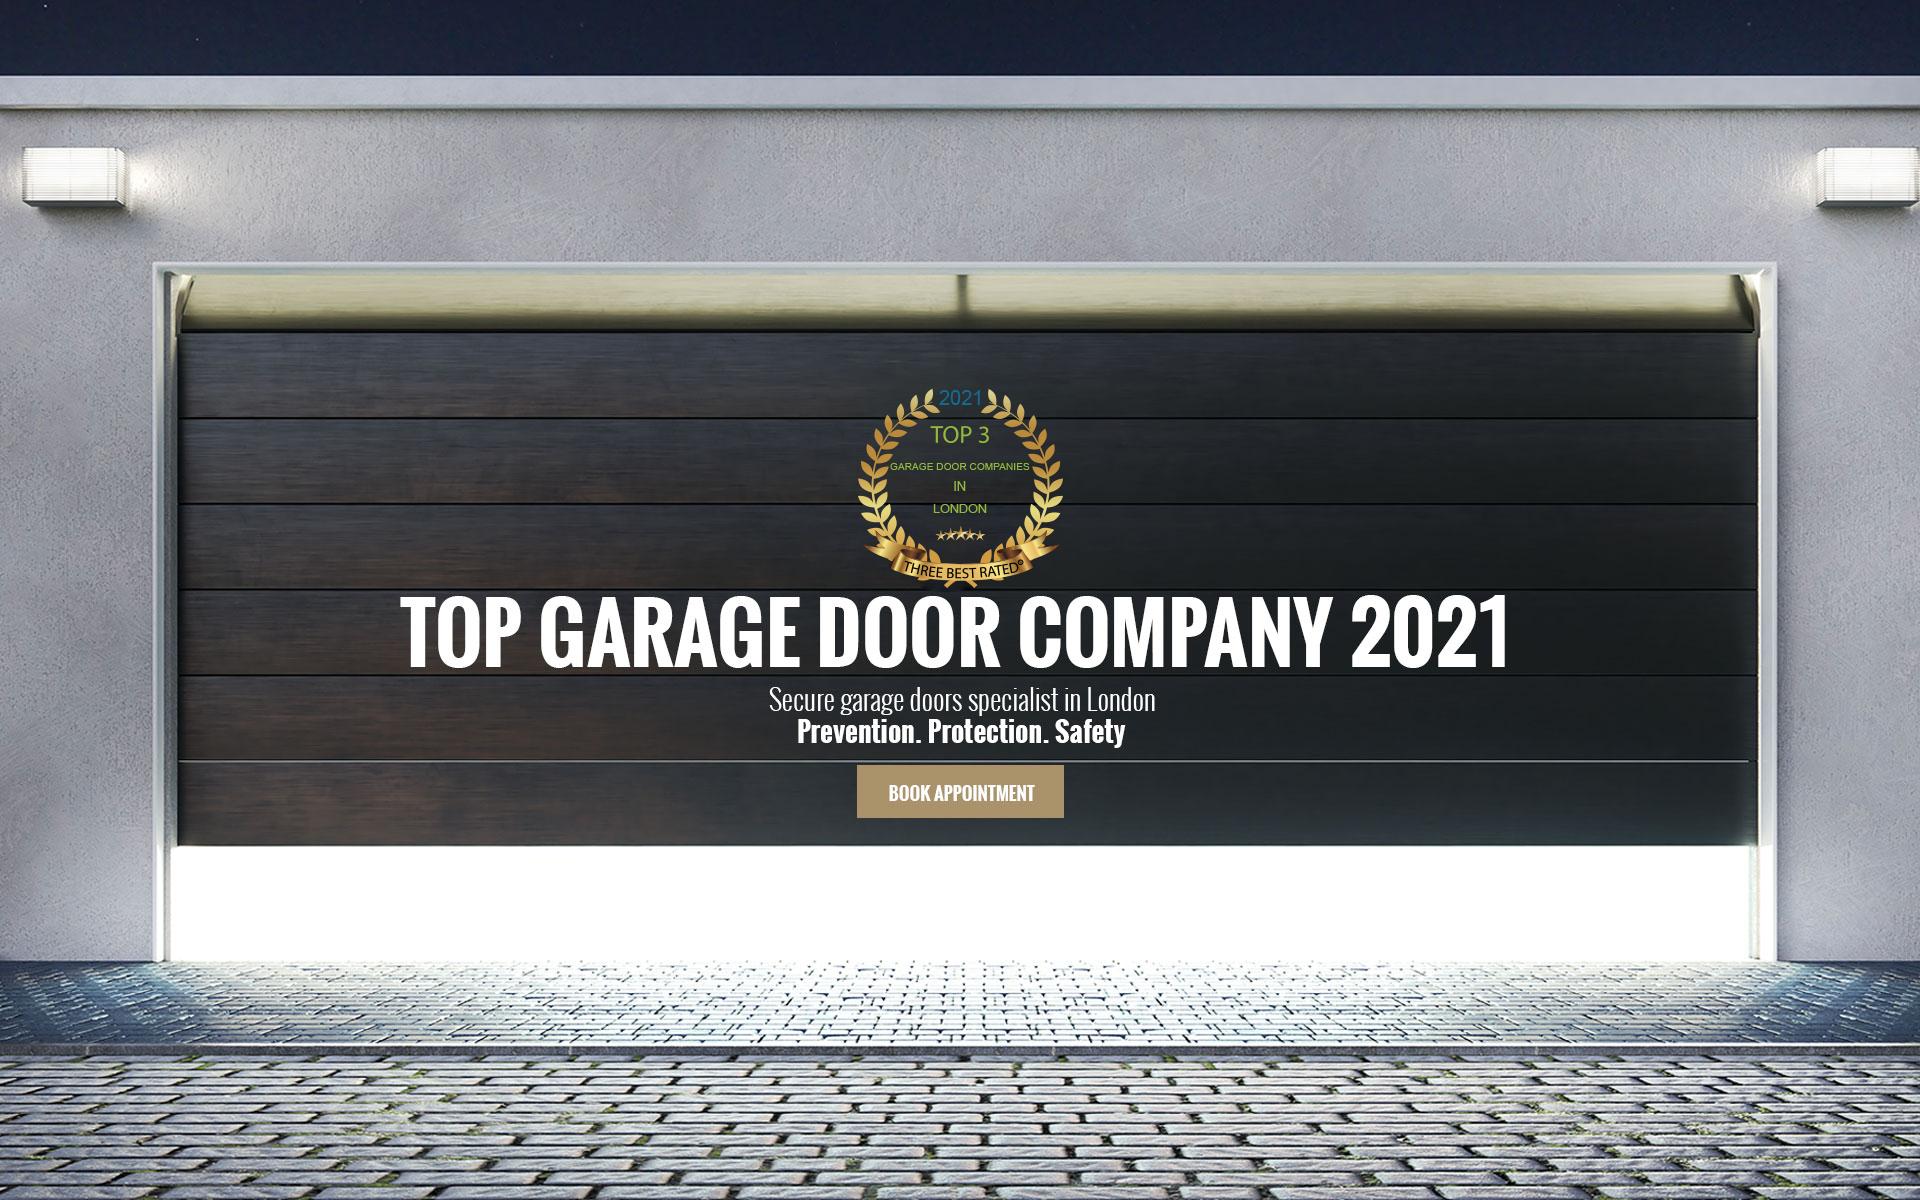 Top Garage Door Company 2021